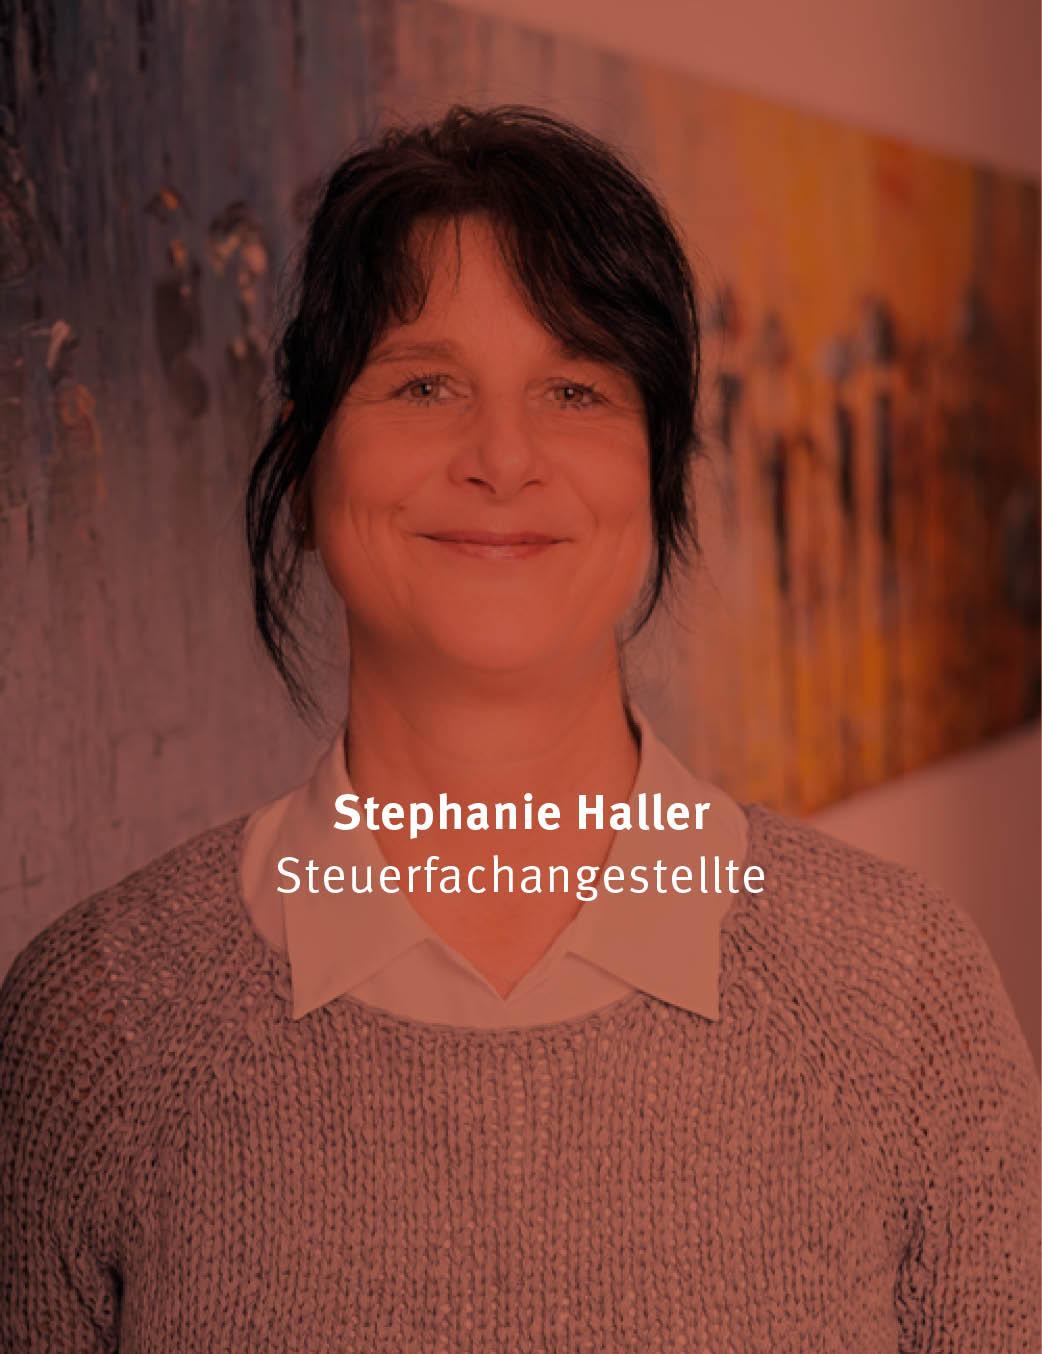 Stephanie Haller Steuerfachangestellte Steuerberater Langenau Klaiber, Lotspeich, Kneer, Anhorn, Stiele, Partnerschaft mbB, Steuer, Langenau